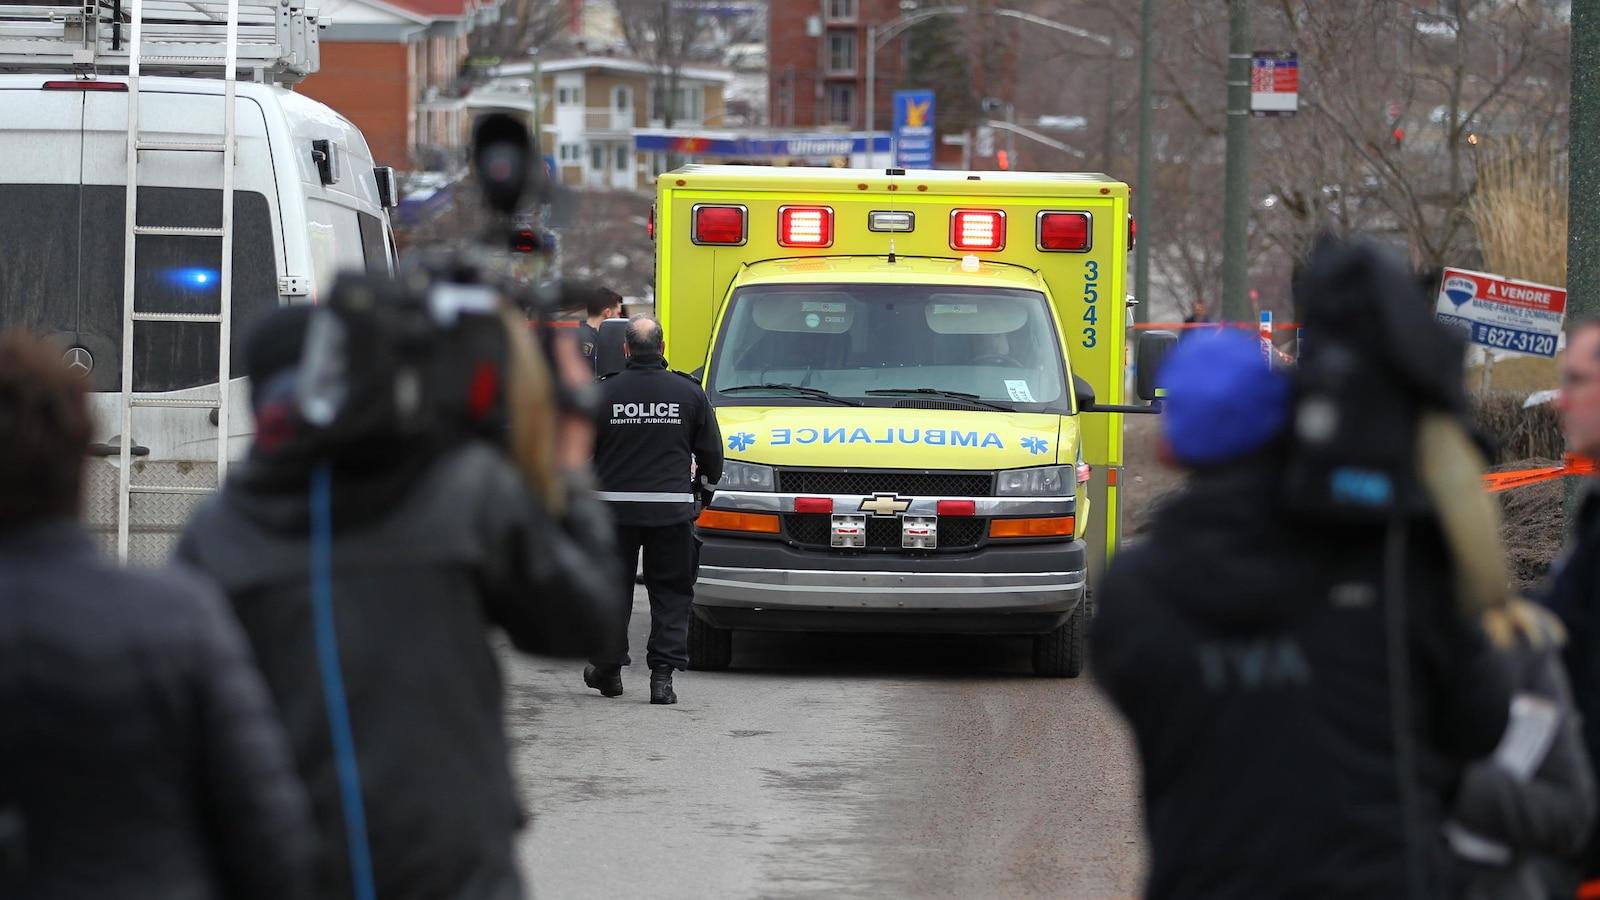 Une ambulance vient chercher le corps de Rosalie Gagnon. Des caméramans de différents réseaux filment la scène.